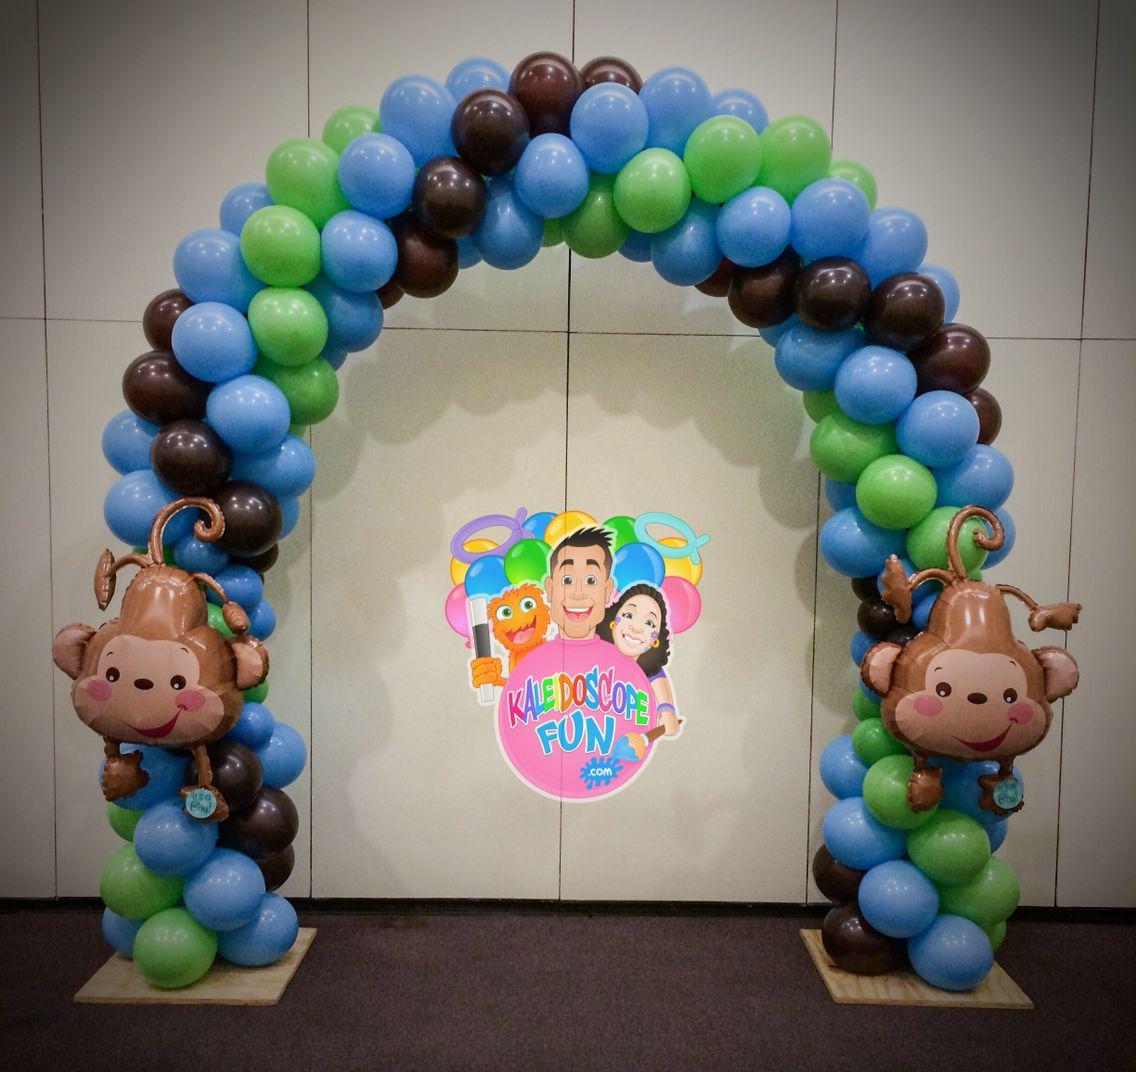 Baby Shower Decorations Baby Monkey Balloon Arch www.kaleidoscopefun.com  kaleidoscopefun@gmail.com 347-945-1857